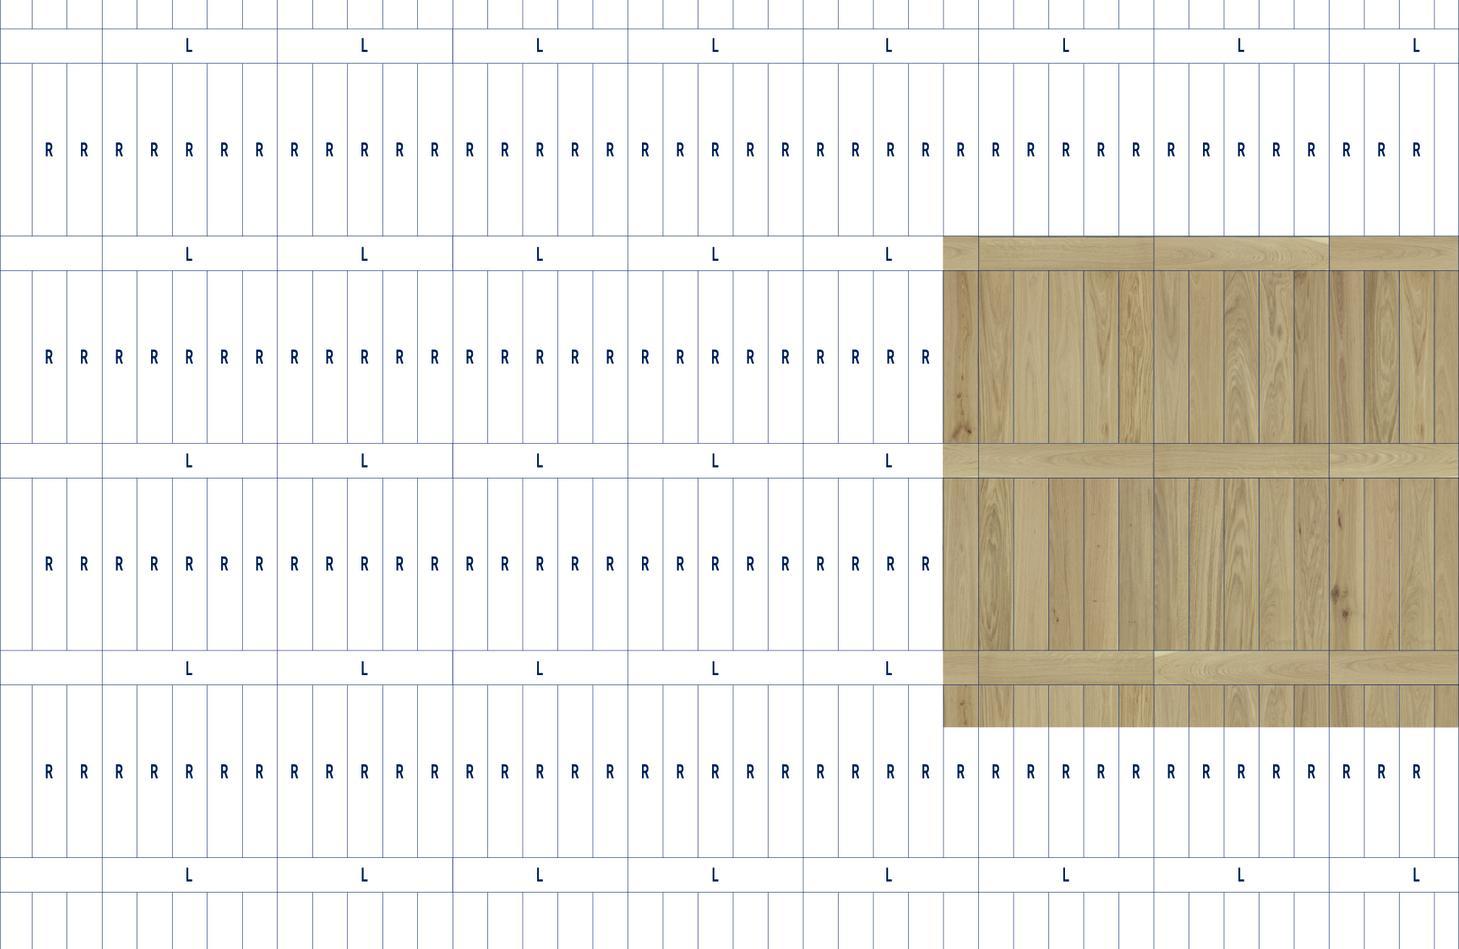 Mönsterlägg Segno Tarkett Parkettgolv Parkett moduläritet